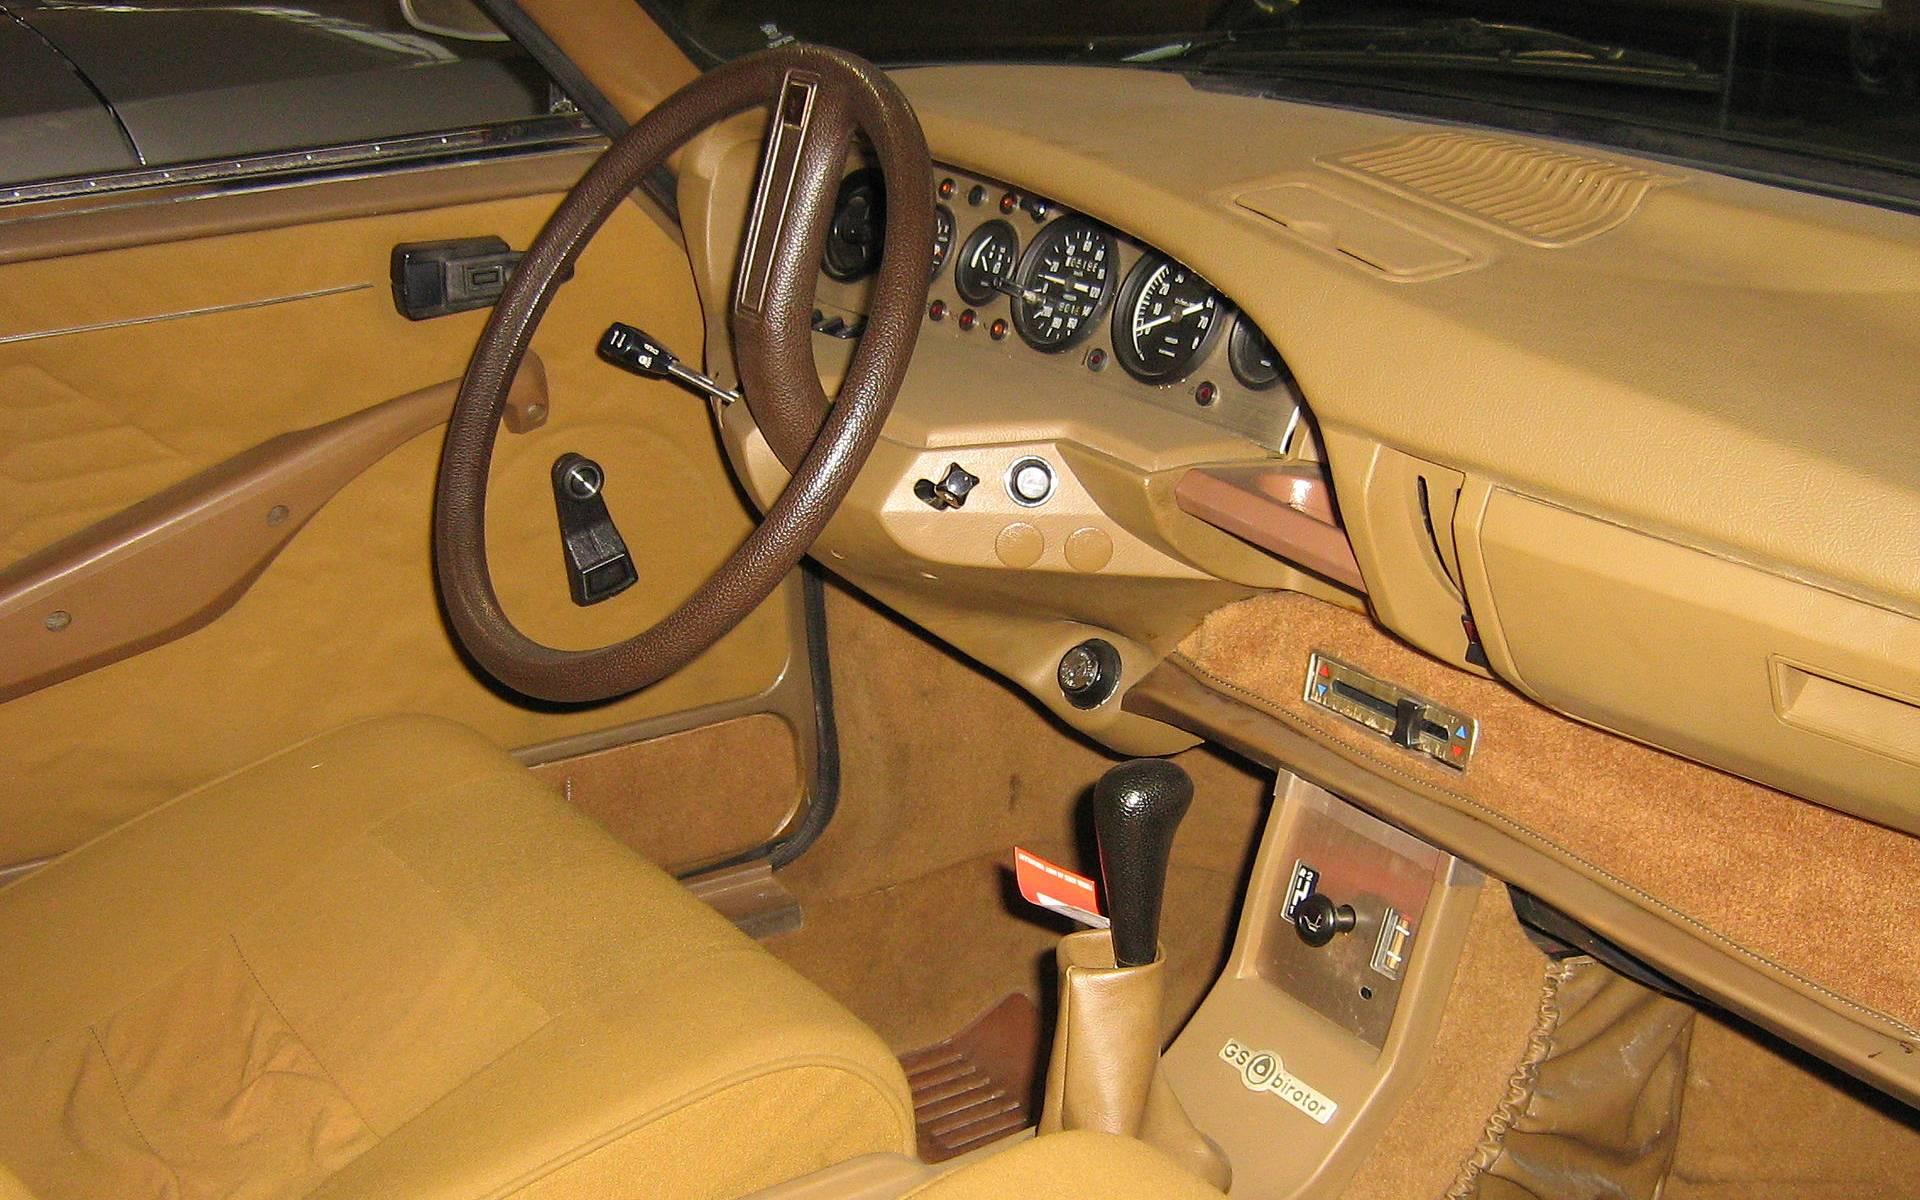 Citroën M35 et GS Birotor : il n'y a pas que Mazda qui a vendu du rotatif! 419272-citroen-m35-et-gs-birotor-il-n-y-a-pas-que-mazda-qui-a-vendu-du-rotatif